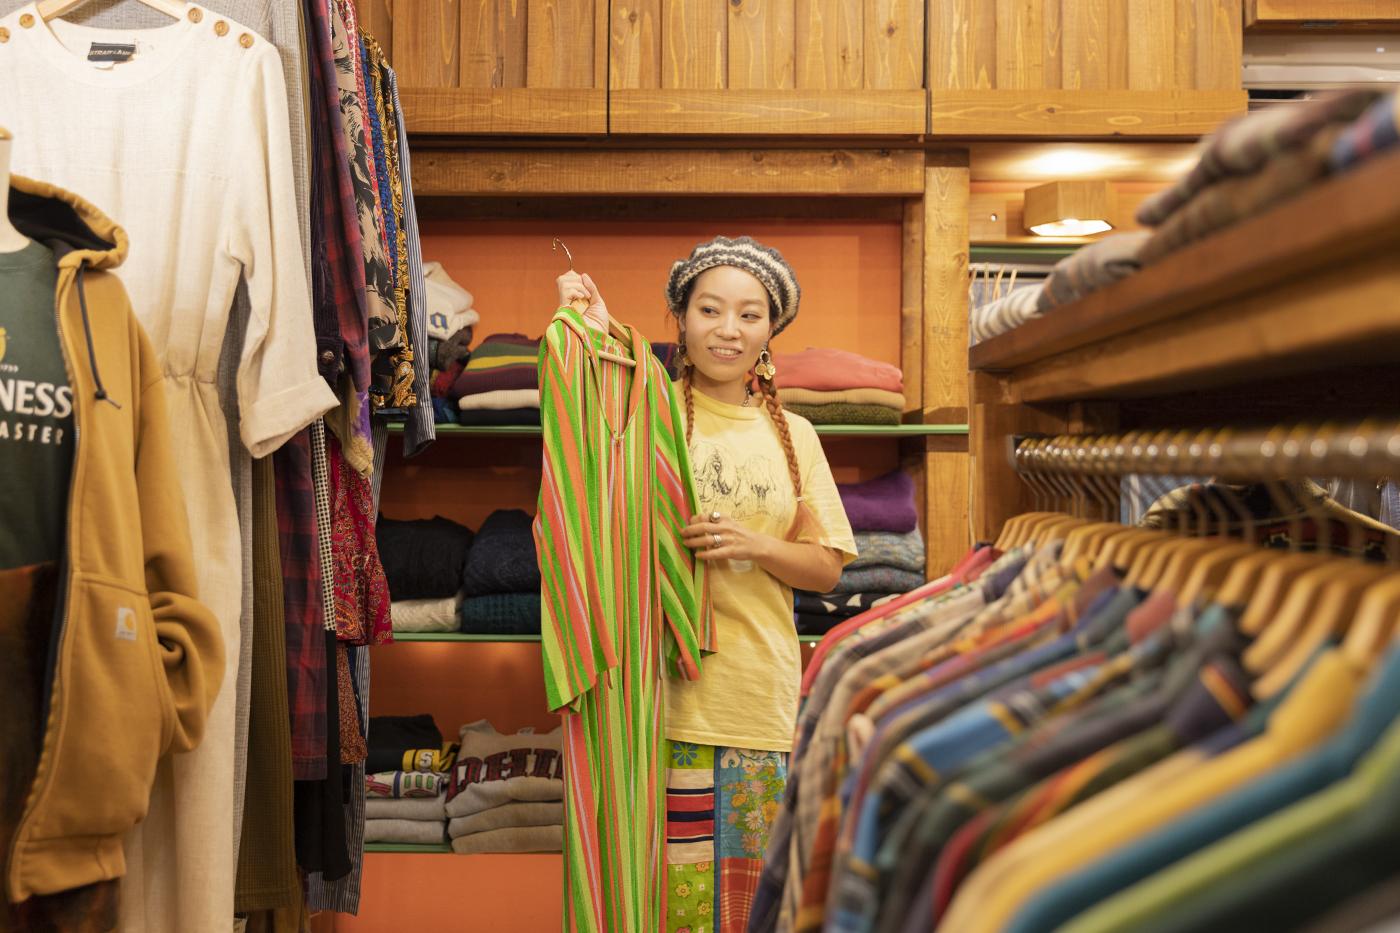 古着屋「chuple」内で色鮮やかなストライプのワンピースを持つメグミさん